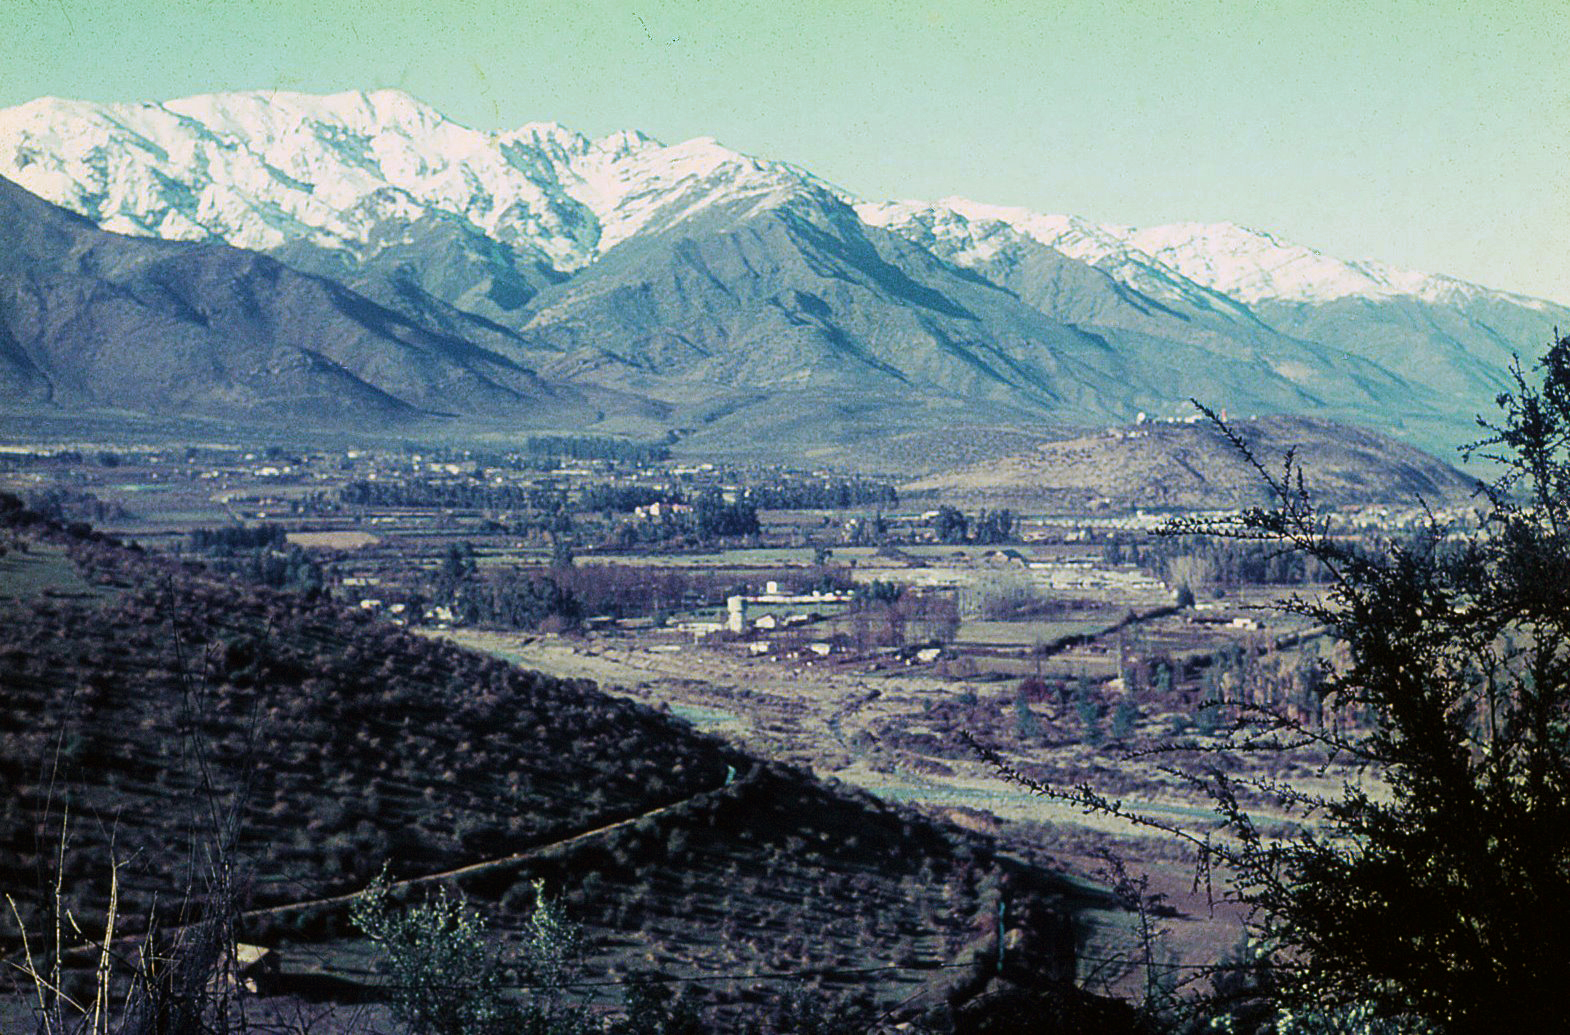 Enterreno - Fotos históricas de chile - fotos antiguas de Chile - Vitacura desde el Cerro Manquehue en 1965